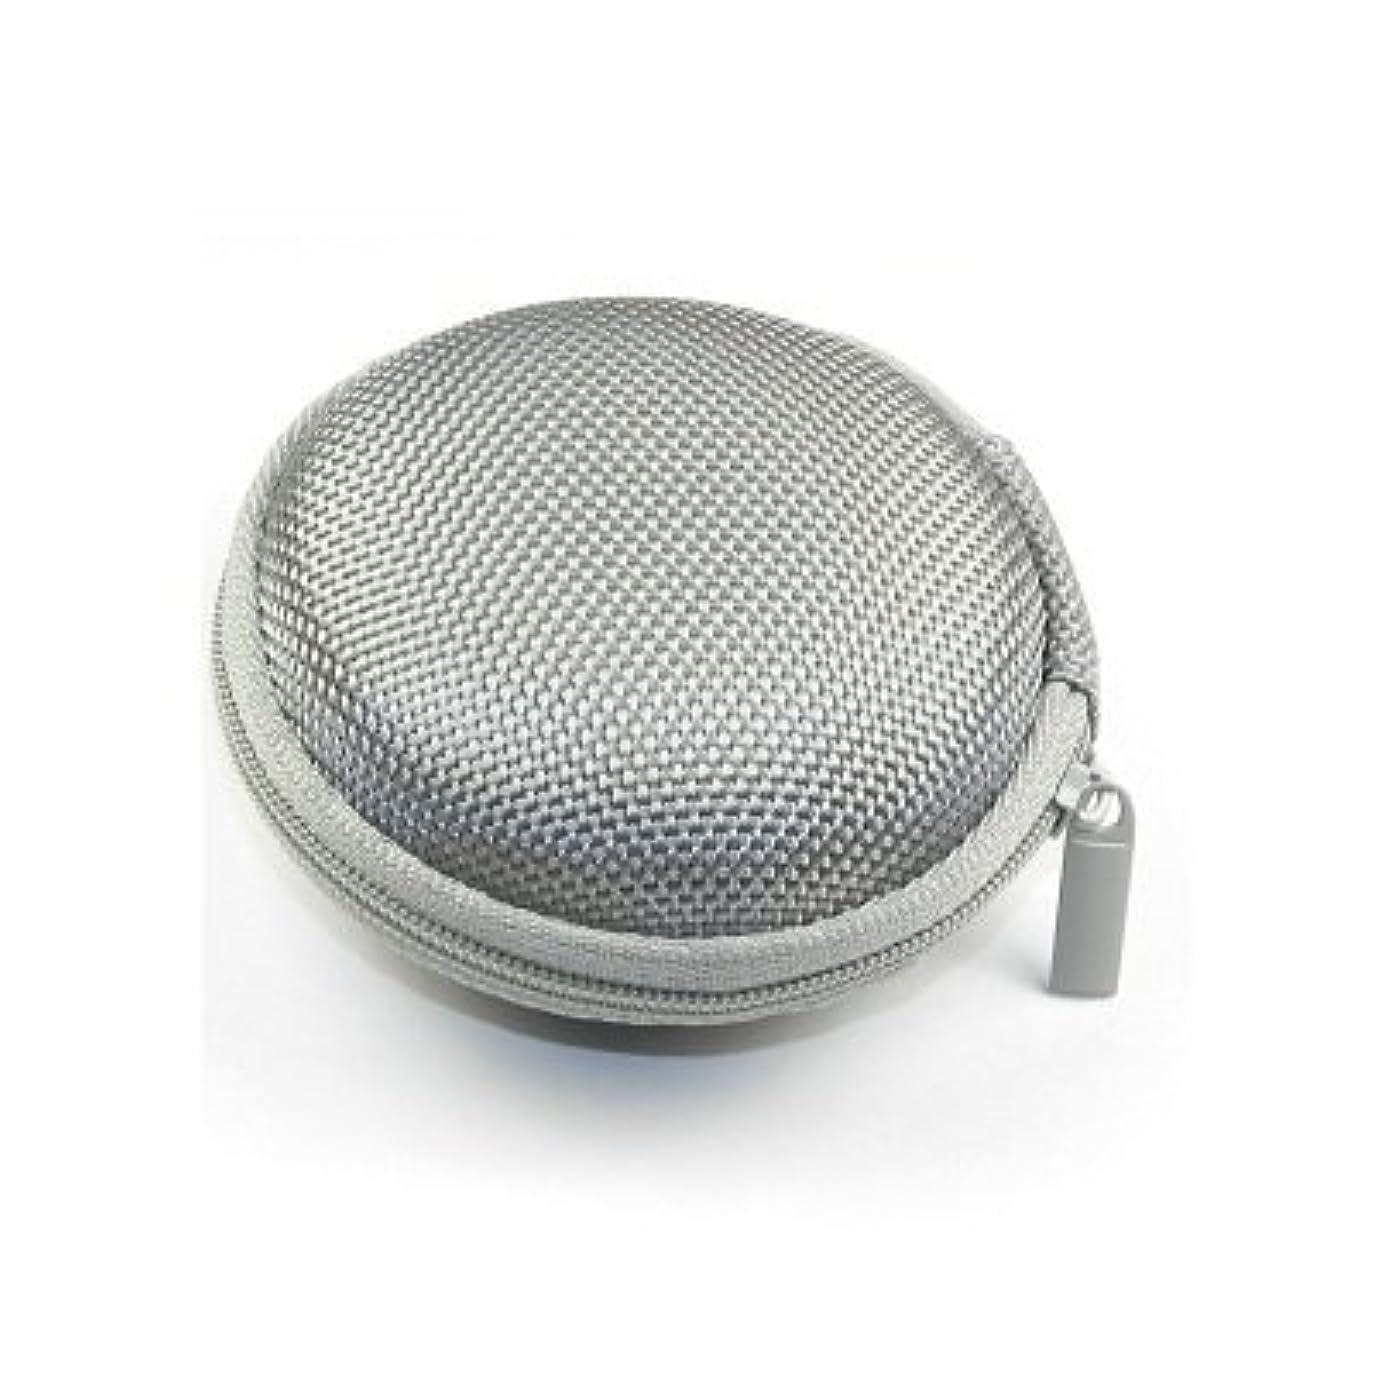 純粋なポータブルスクラップブックEarphones Plus EP-CASESILVER Earphone Case silver [並行輸入品]